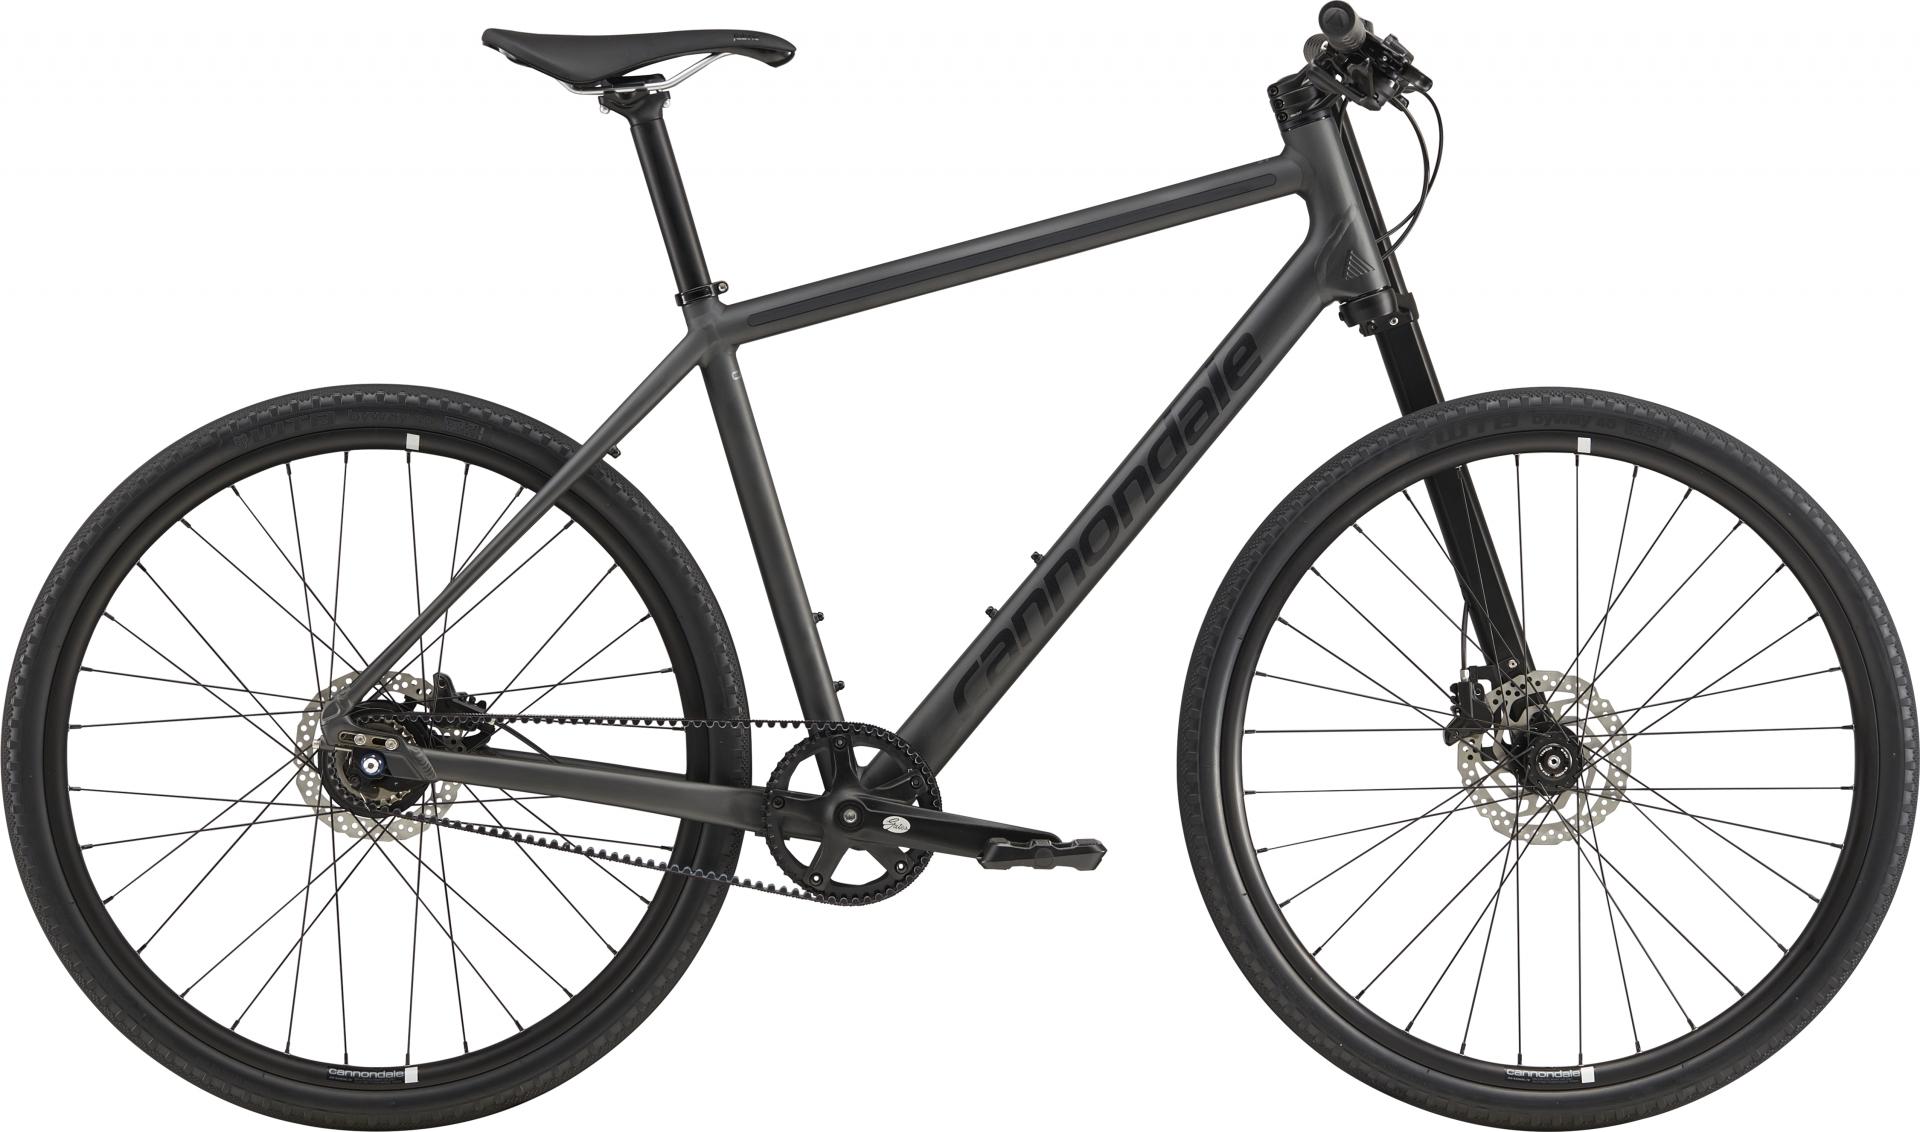 Vélo urbain Cannondale Bad Boy 1 27.5 Noir mat BBQ - M